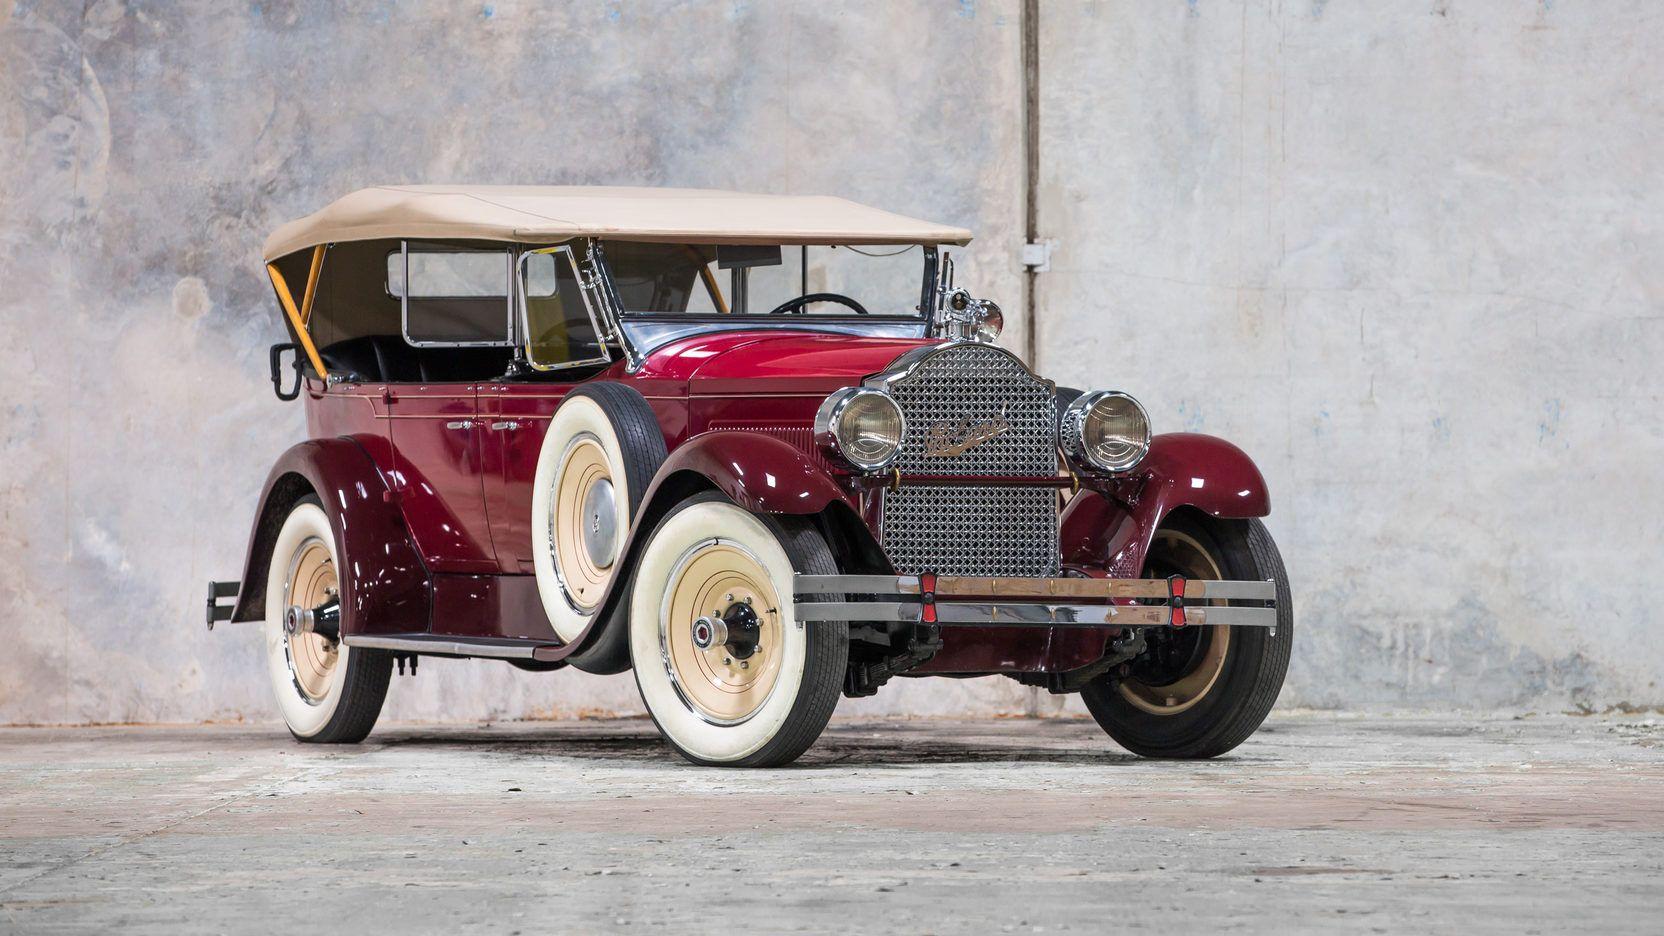 1928 Packard 526 Phaeton Packard Motor Car Company Detroit